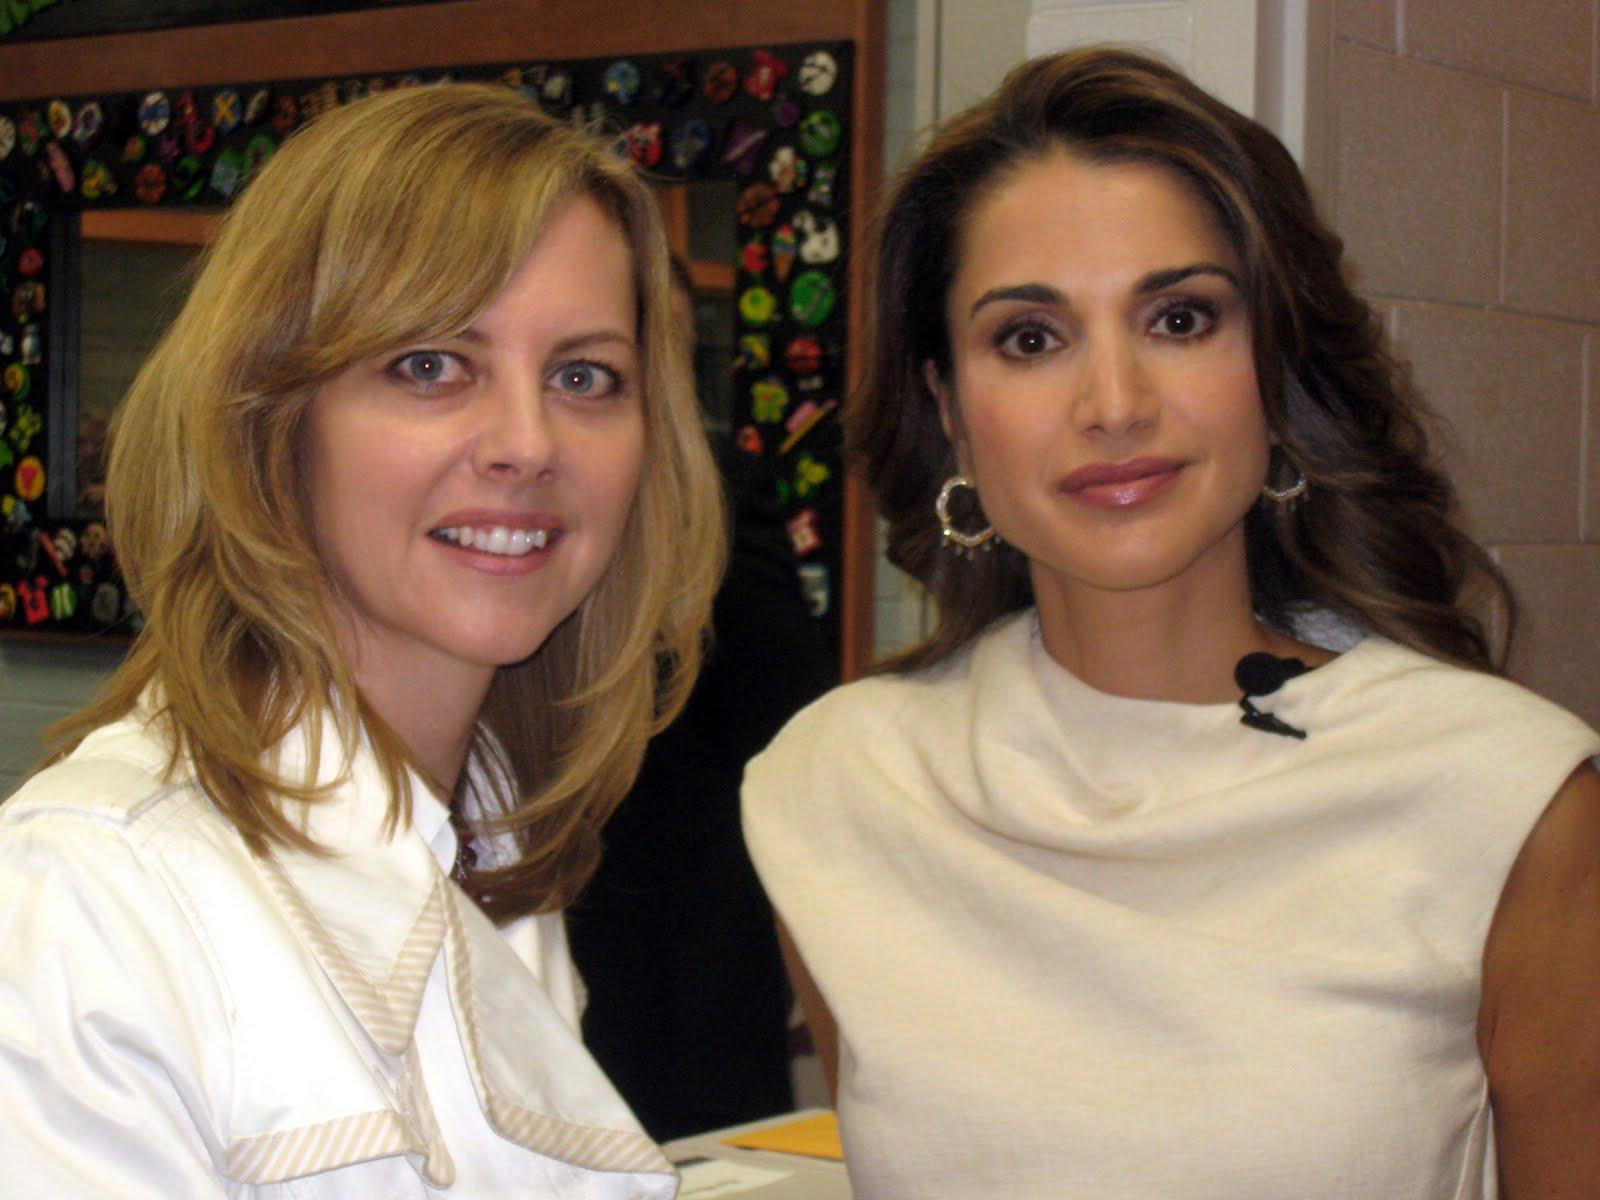 http://1.bp.blogspot.com/_6W-Hod3H-AI/S9naO-_izrI/AAAAAAAAAMk/4Tl5qCIBAOY/s1600/Kelly-n-Queen.jpg